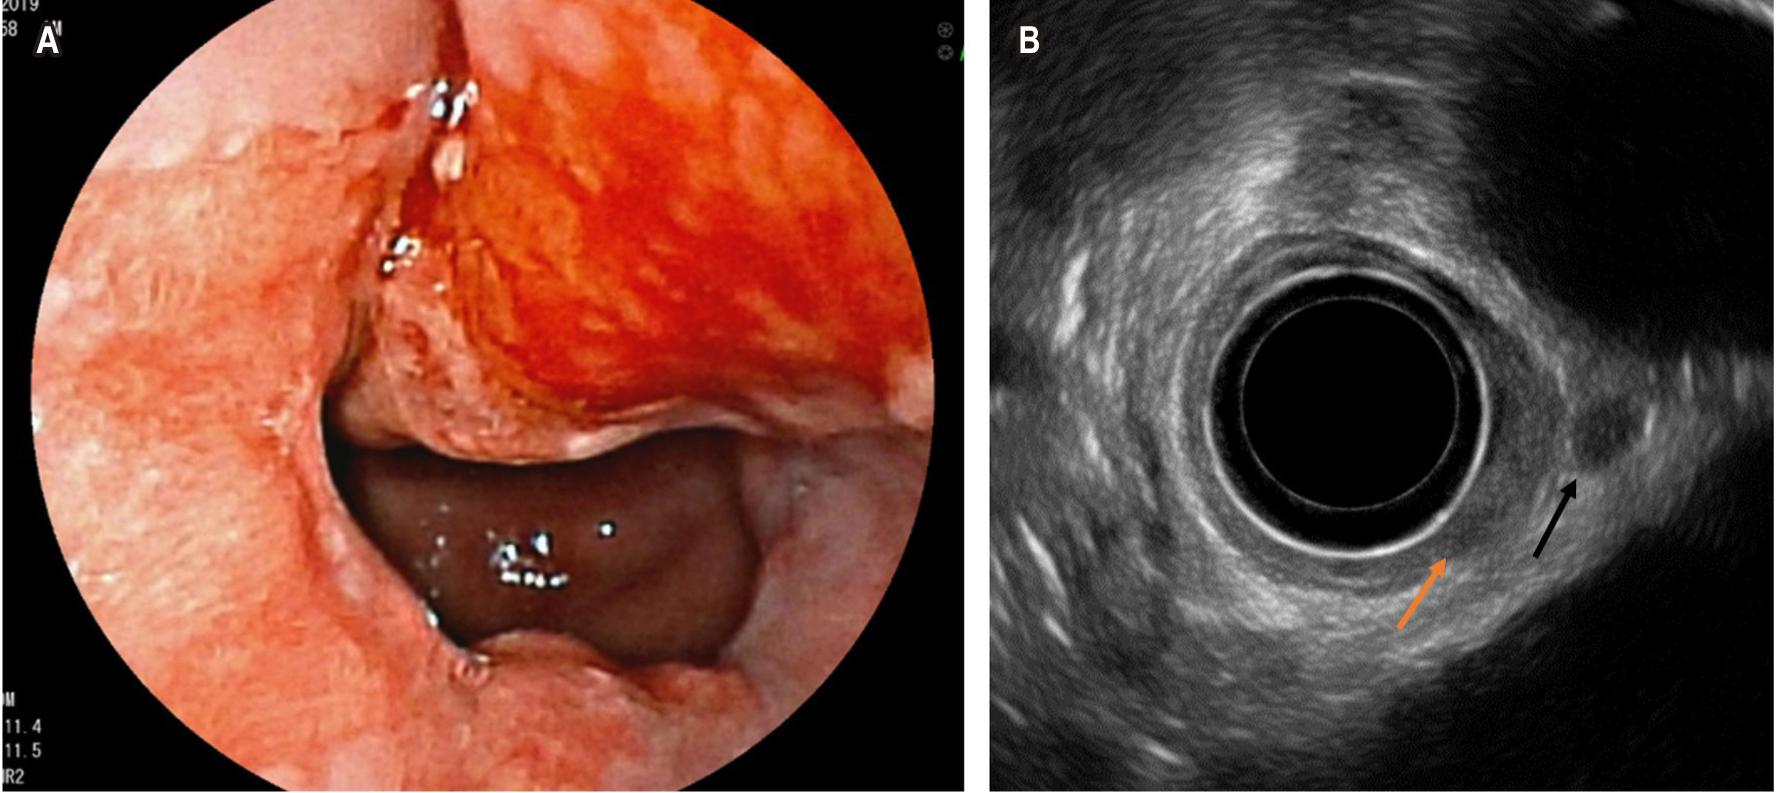 Figura 4. A. Visión endoscópica de una lesión neoplásica proveniente de un esófago de Barrett. B. Visión sonográfica de engrosamiento mucoso con compromiso transmural (flecha naranja) y adenopatía perilesional (flecha negra).